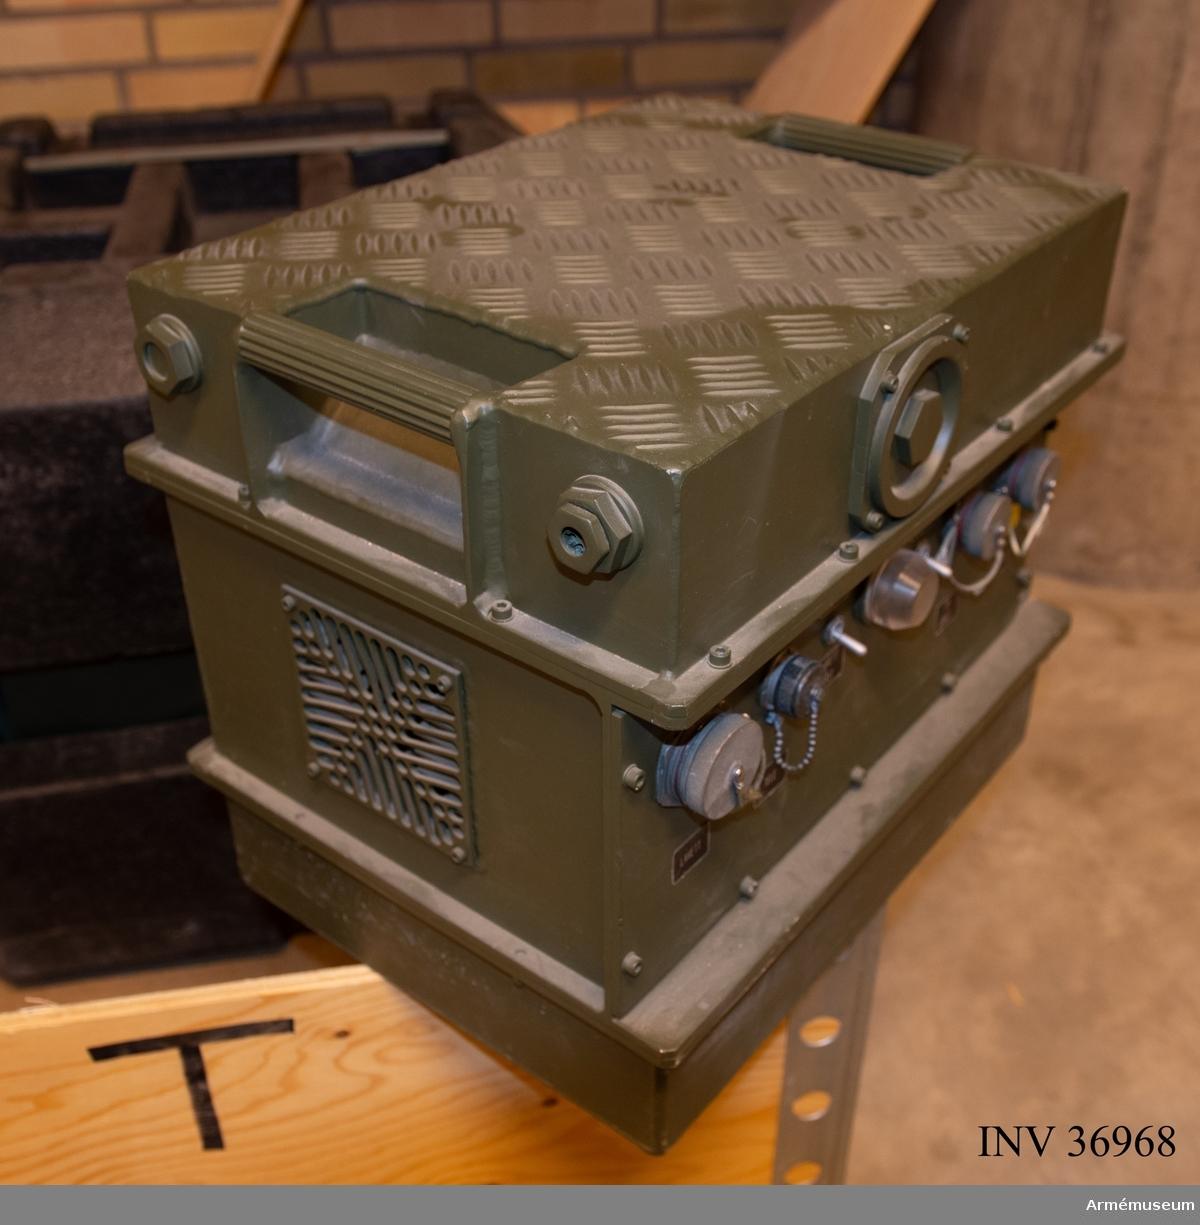 Eldenhet som ingår i luftvärnsrobotsystem 90. I systemet ingår även två radarenheter - lokal på bandvagn och  central på lastbil. Siktet innehåller lasersändare, TV-kamera och IRV-kamera.